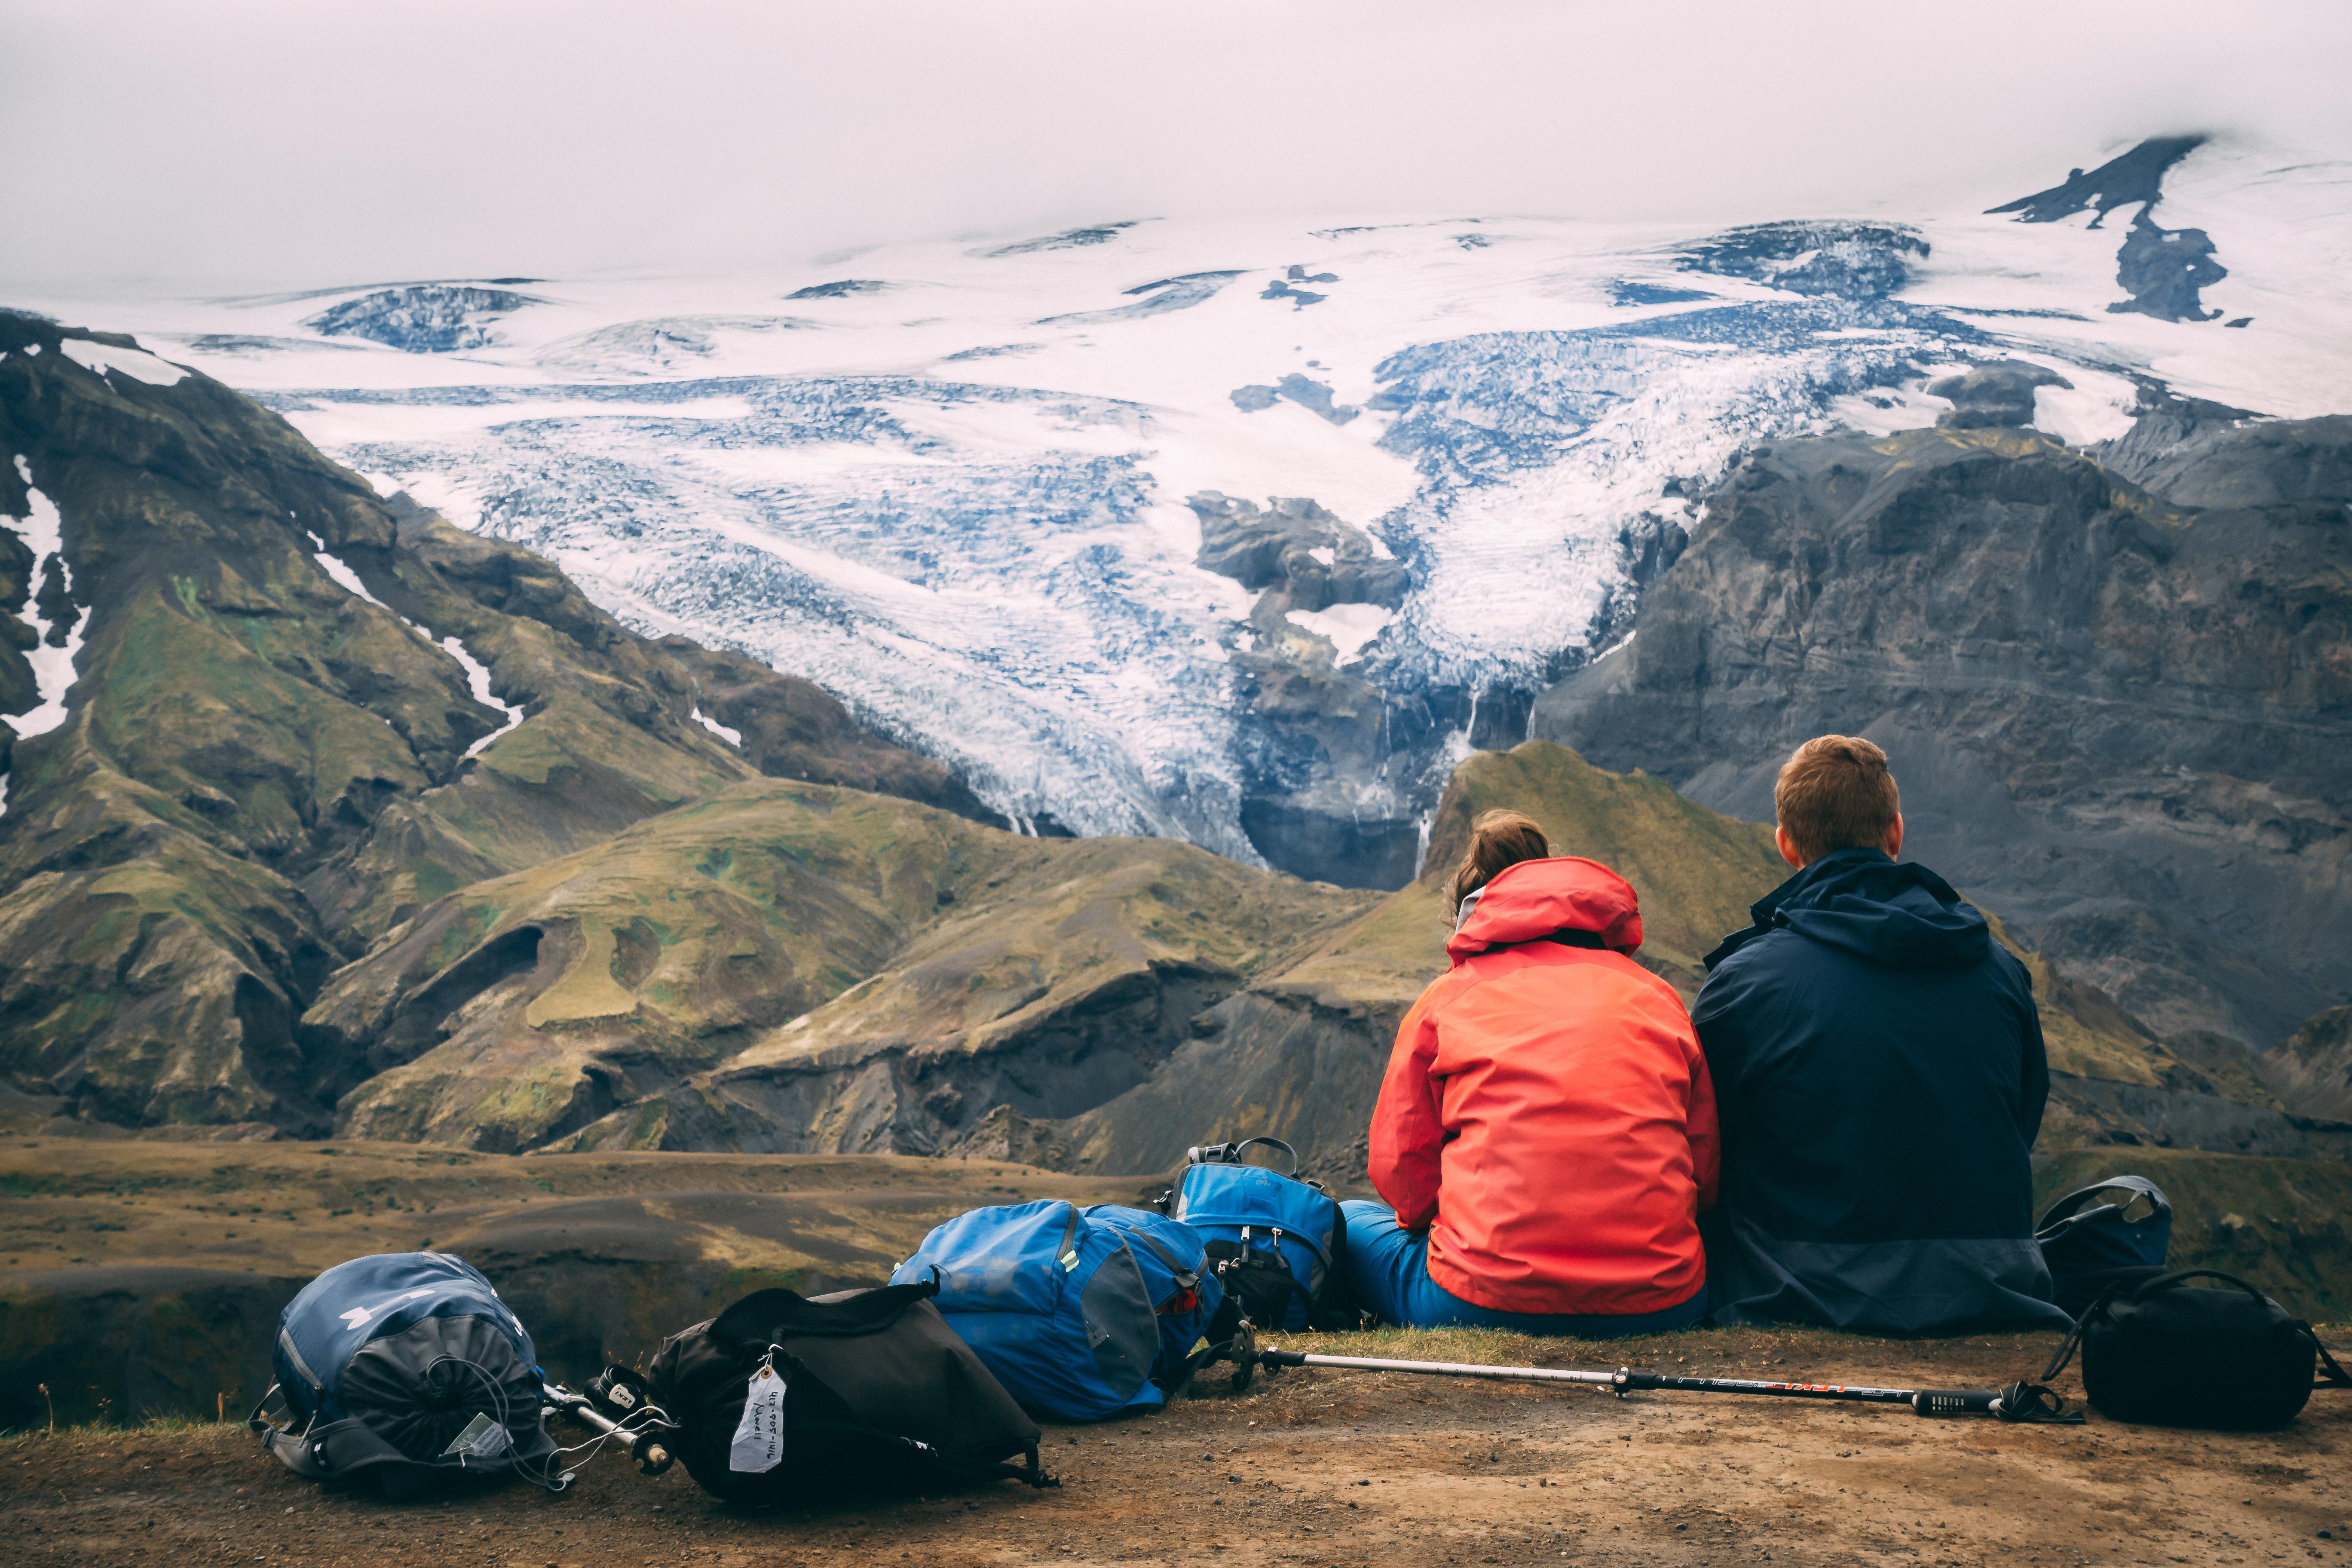 Dagstur med superjeep till dalen Þórsmörk